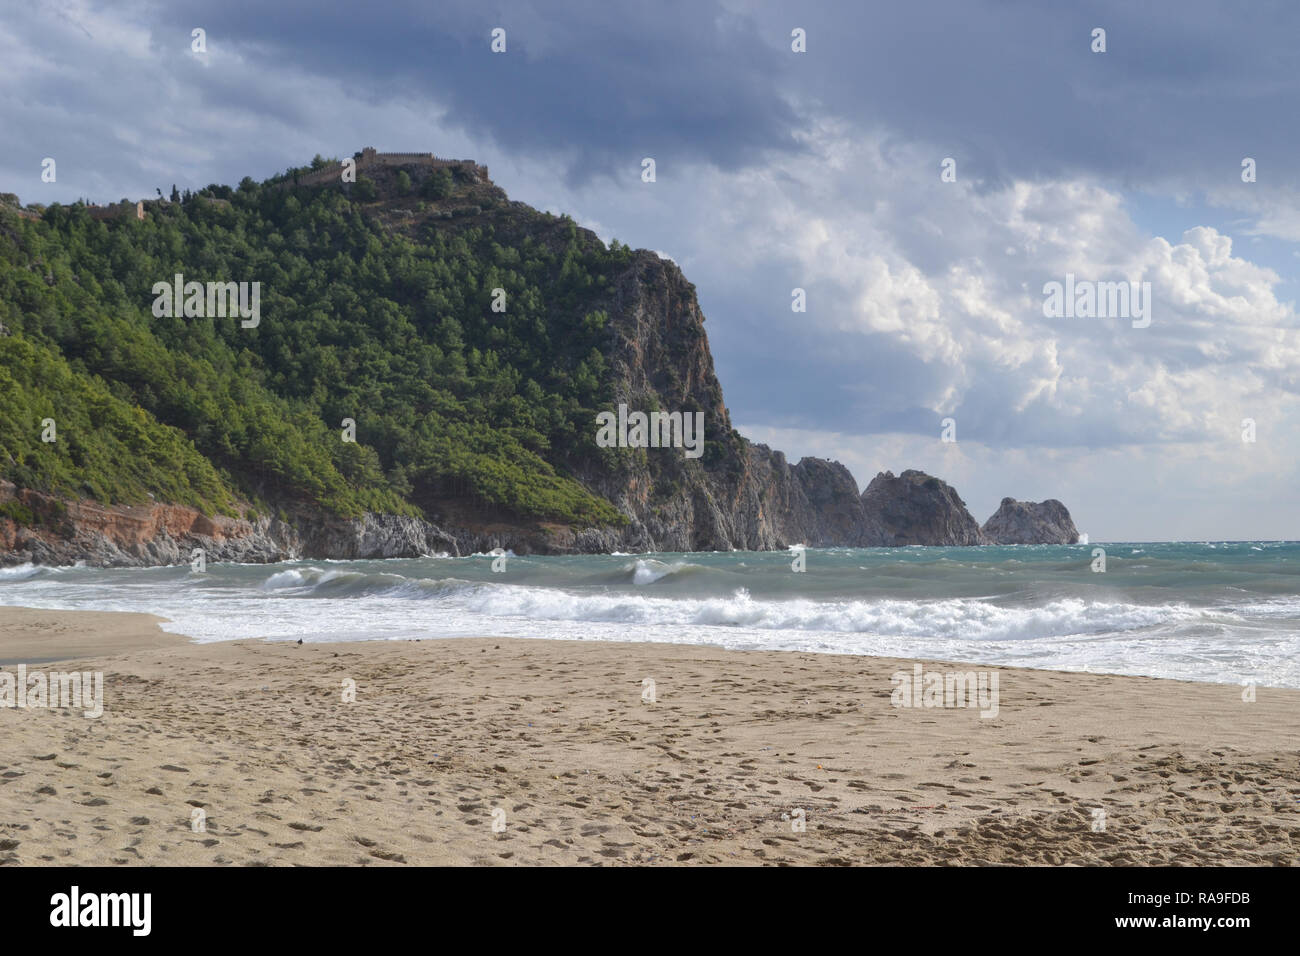 Magnifique baie de plage de Cléopâtre à Alanya Turquie , jour de vent, de grosses vagues sur la mer Banque D'Images